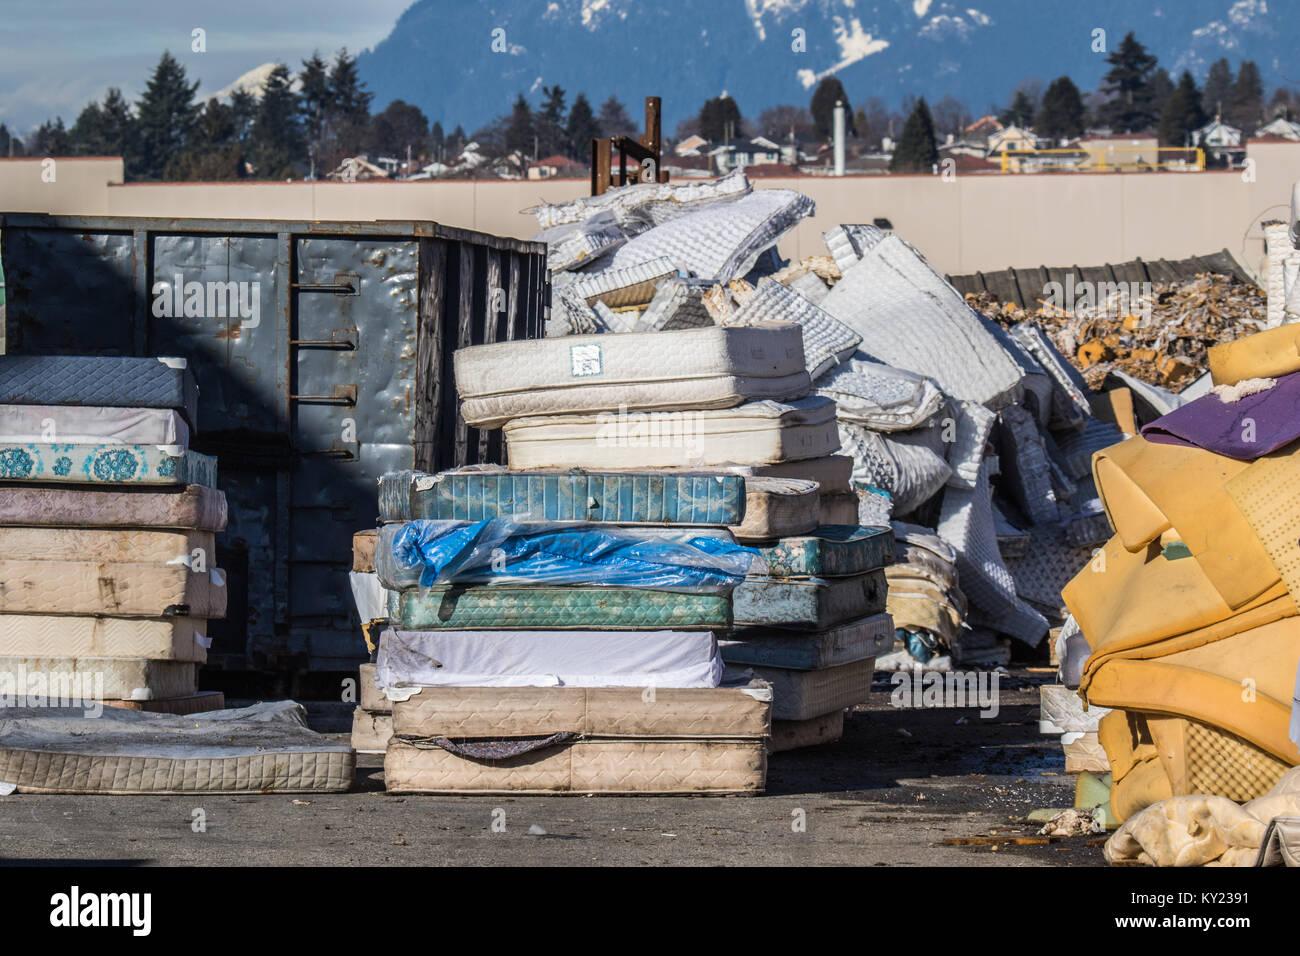 Materasso stabilimento di riciclaggio .sforzandosi di riciclare ogni bit di materassi usati per avere un impatto Foto Stock